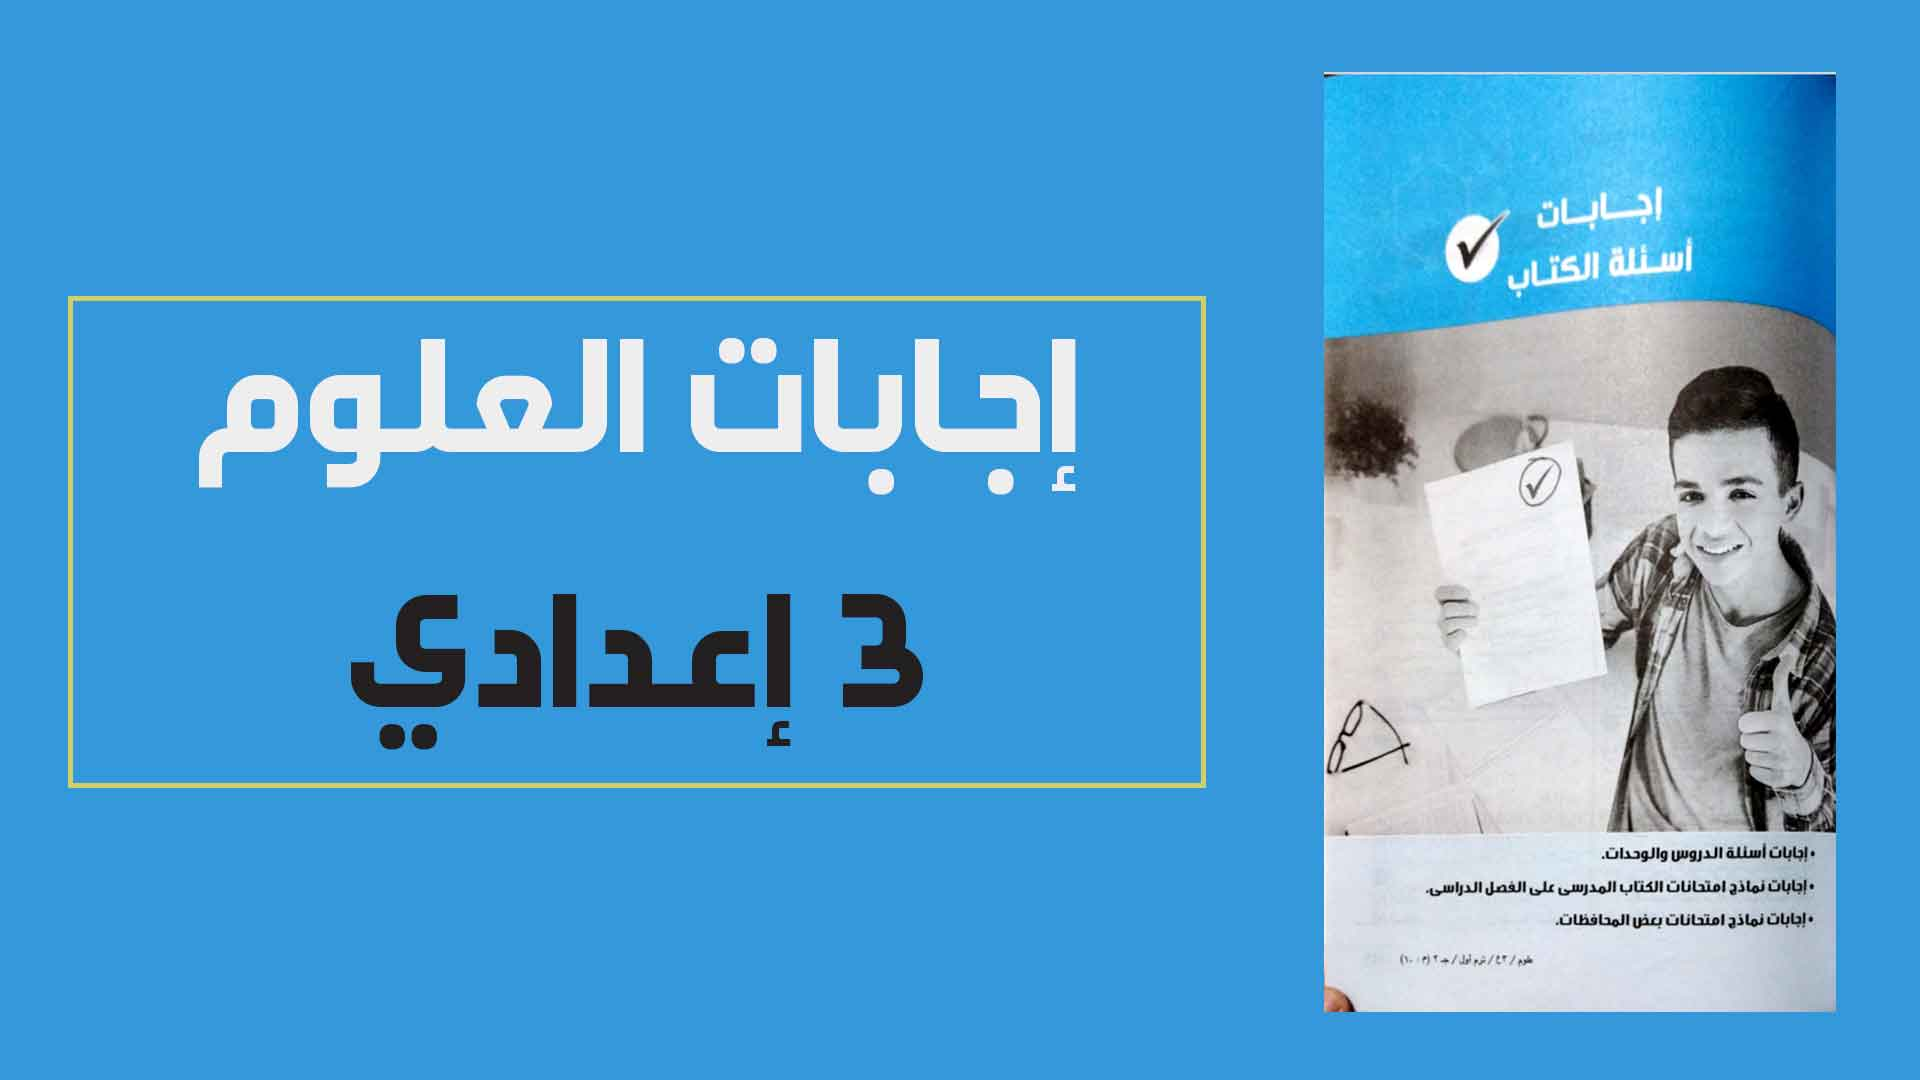 اجابات كتاب الامتحان علوم pdf للصف الثالث الاعدادى الترم الأول 2022